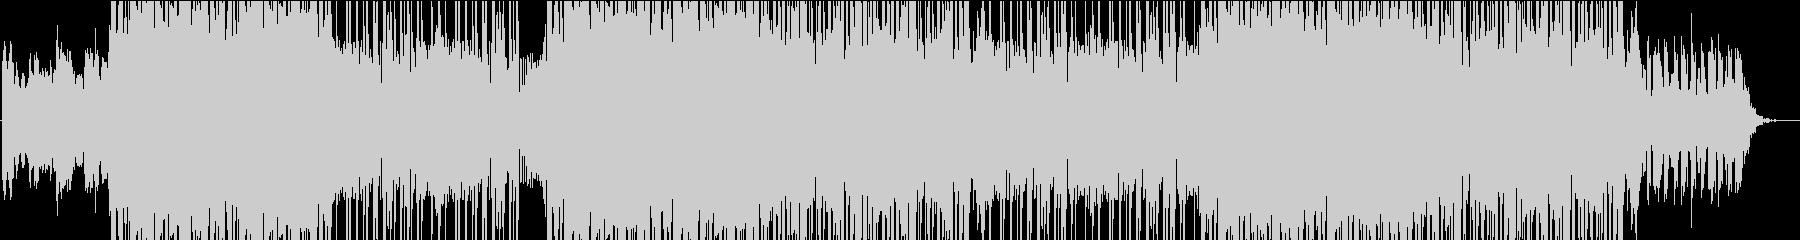 エネルギッシュなダークトラックの未再生の波形